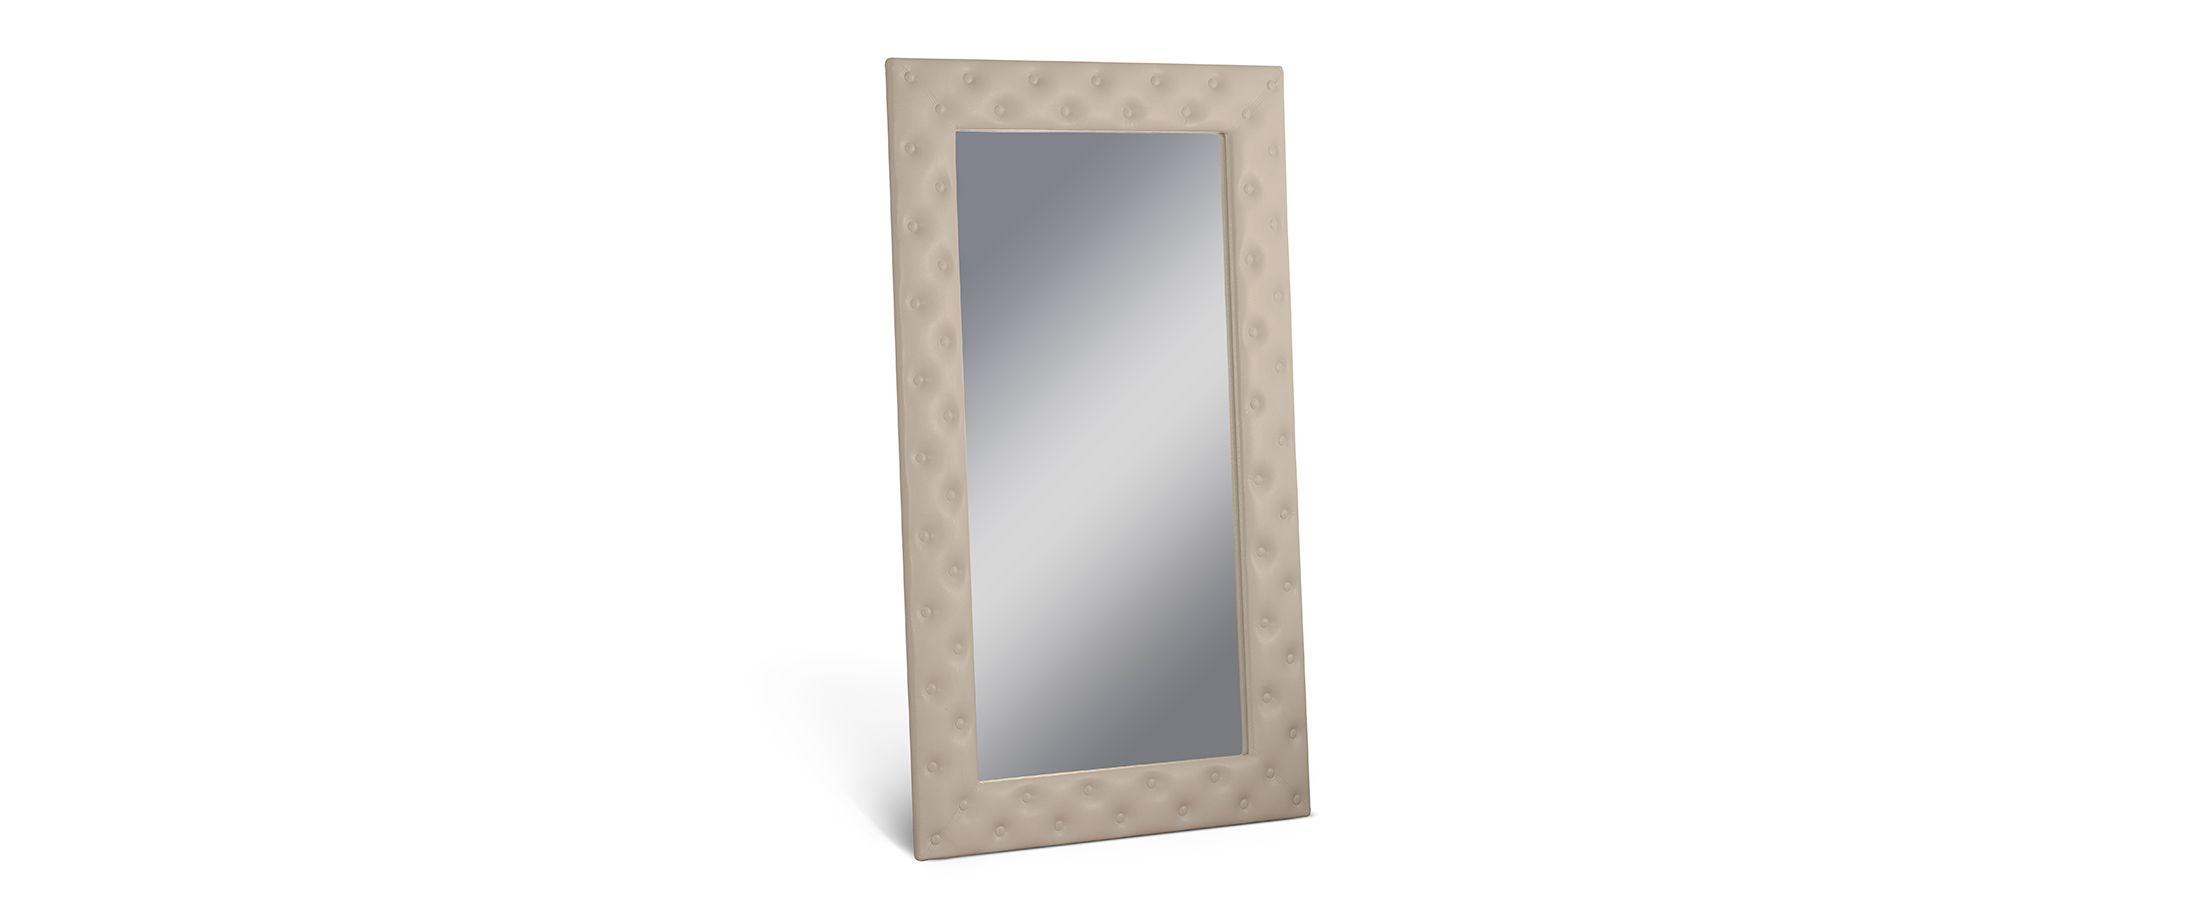 Зеркало Кааба большое с пуговицами рожь от MOON TRADE